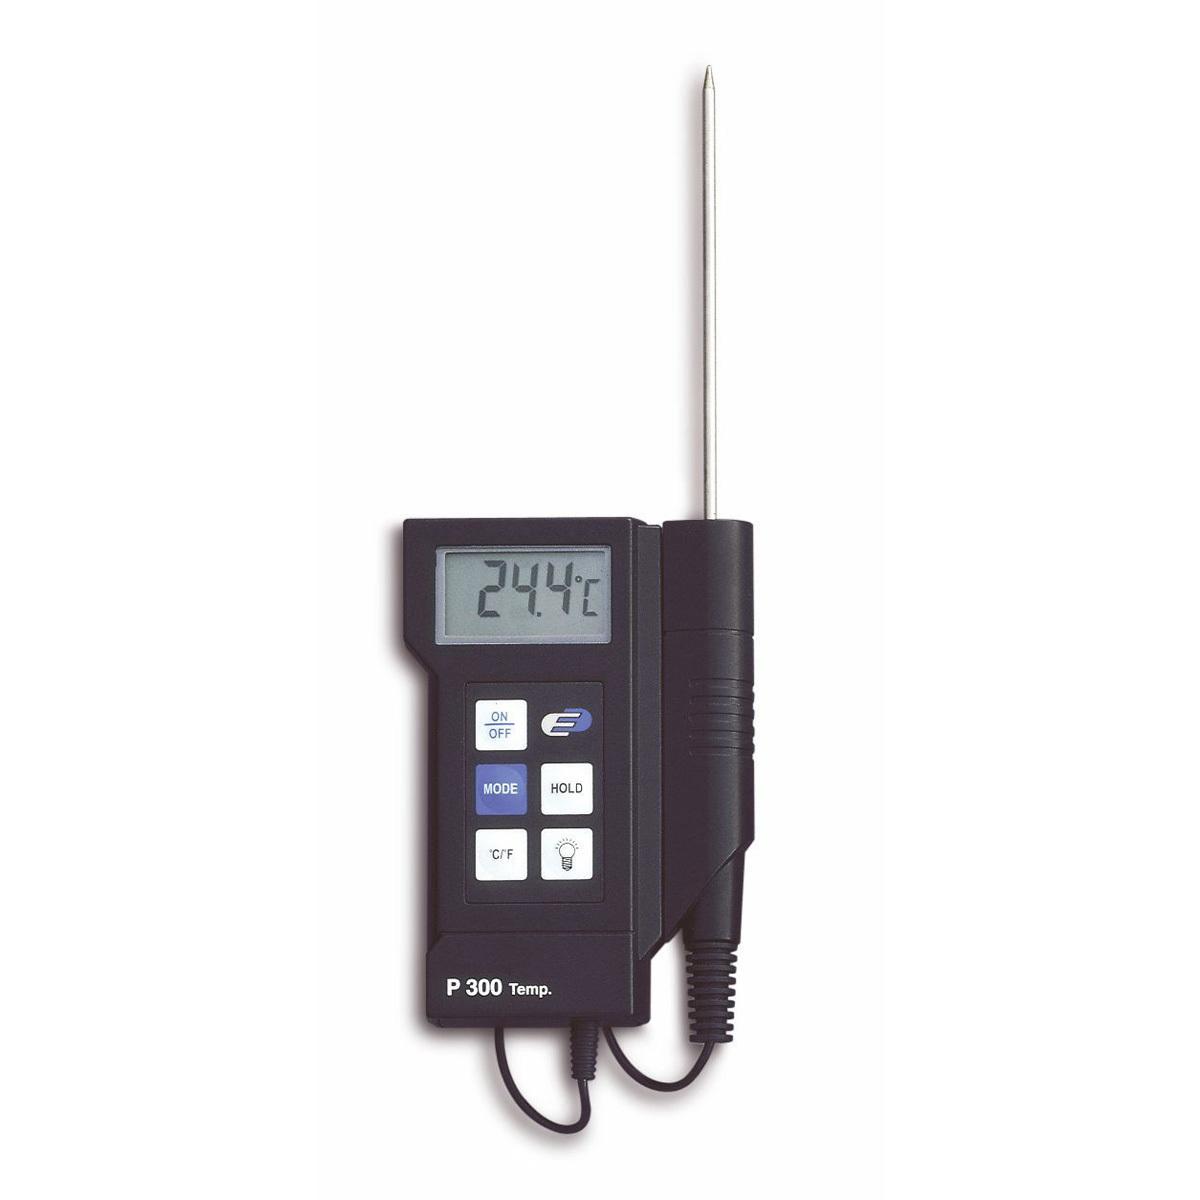 31-1020-k-profi-digitalthermometer-mit-einstichfühler-p300-1200x1200px.jpg